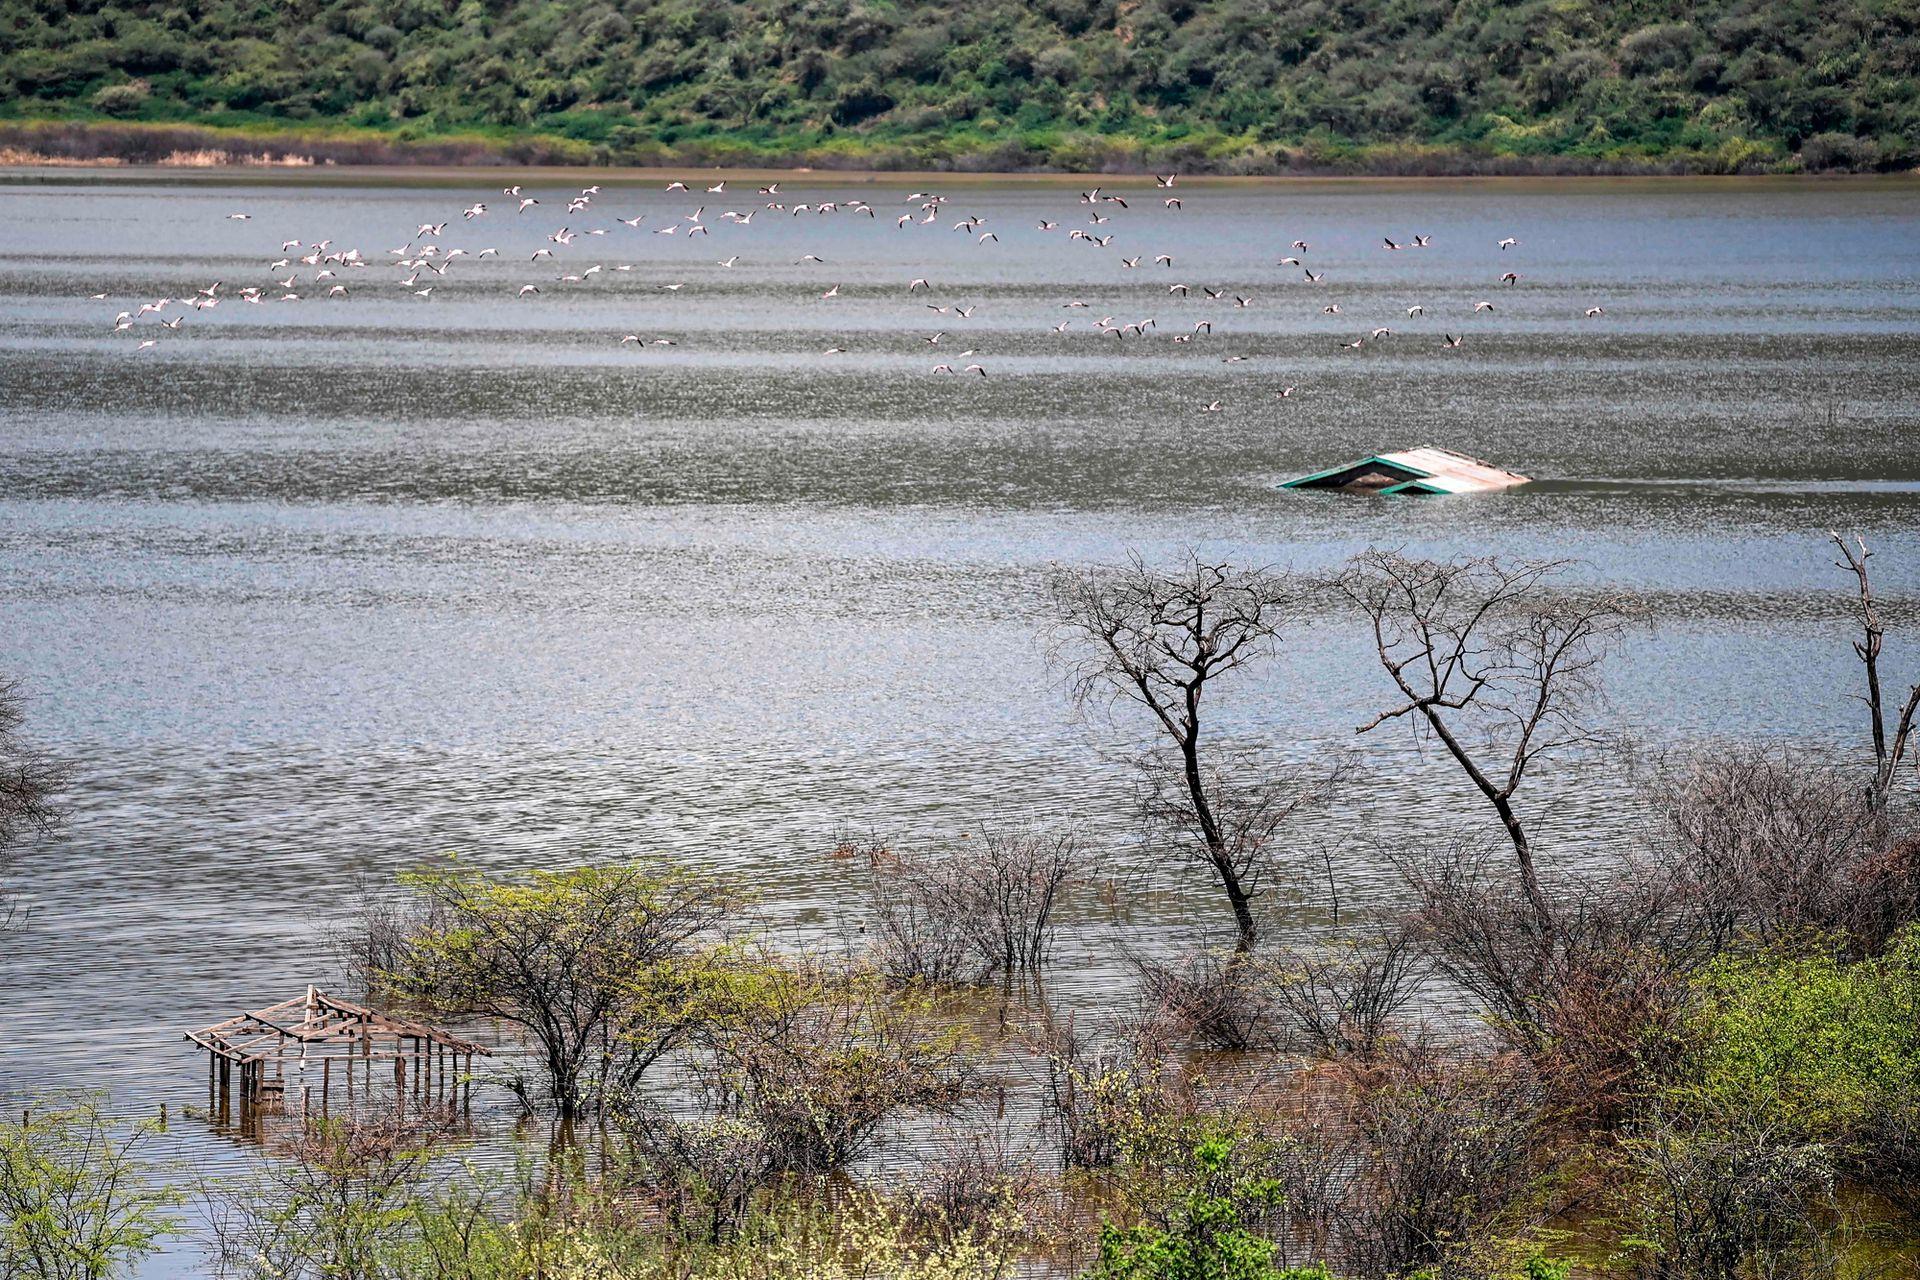 Este fenómeno provoca importantes inundaciones a lo largo de la cadena de lagos